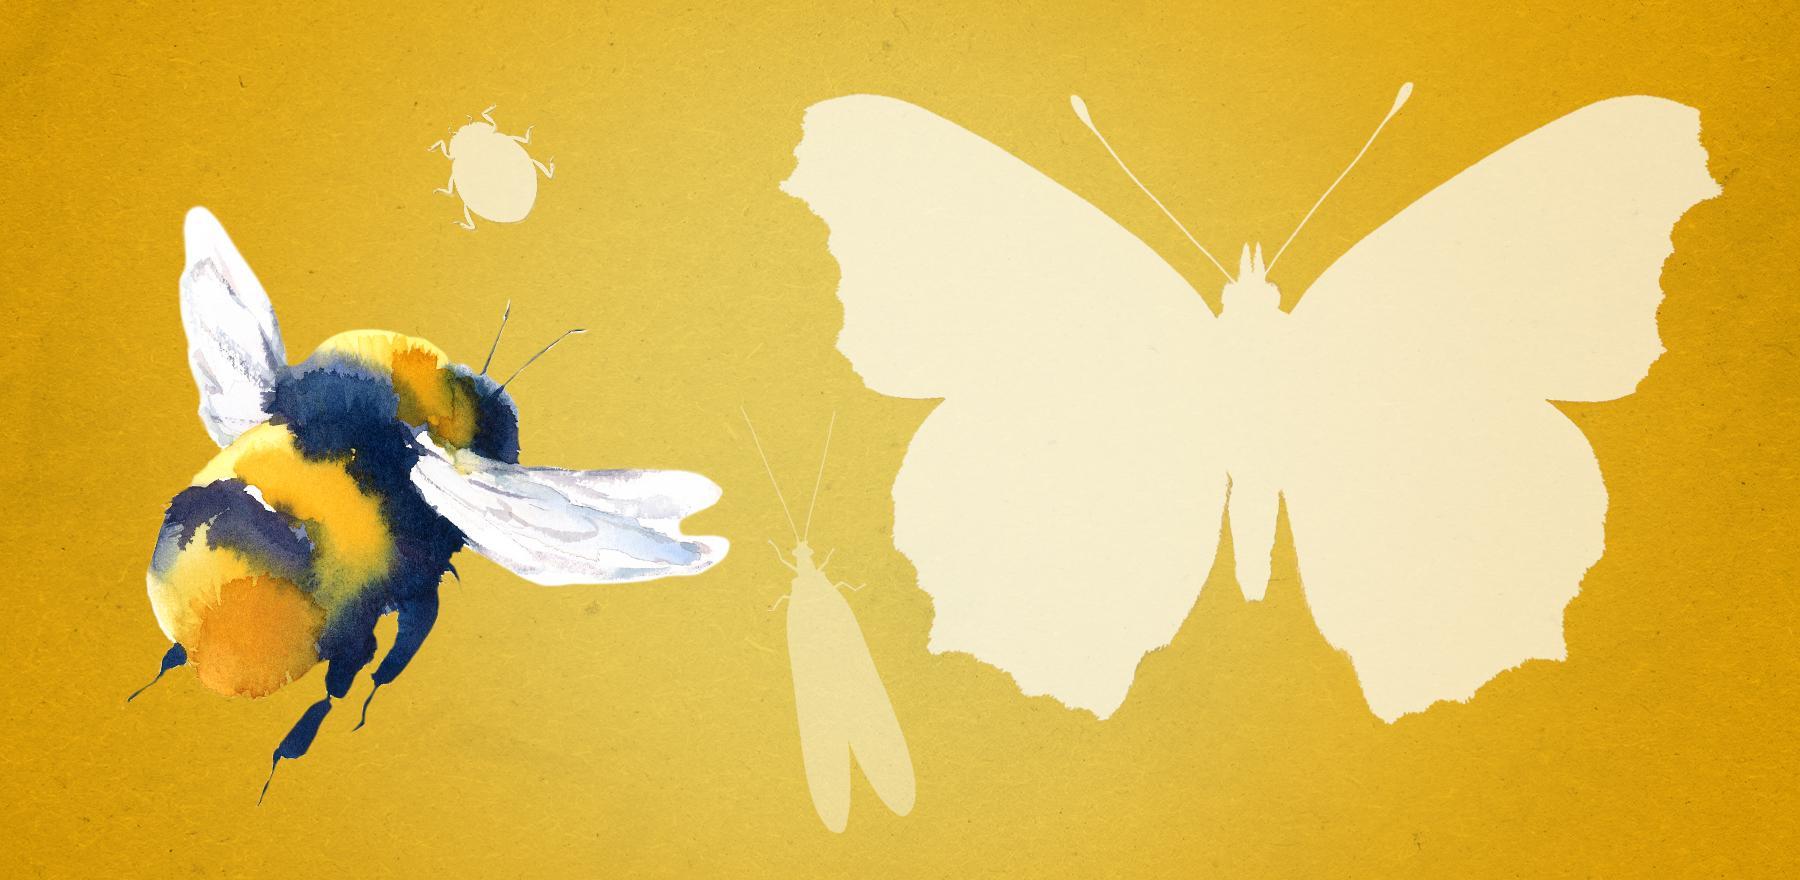 Jetzt Insekten & Co. retten!